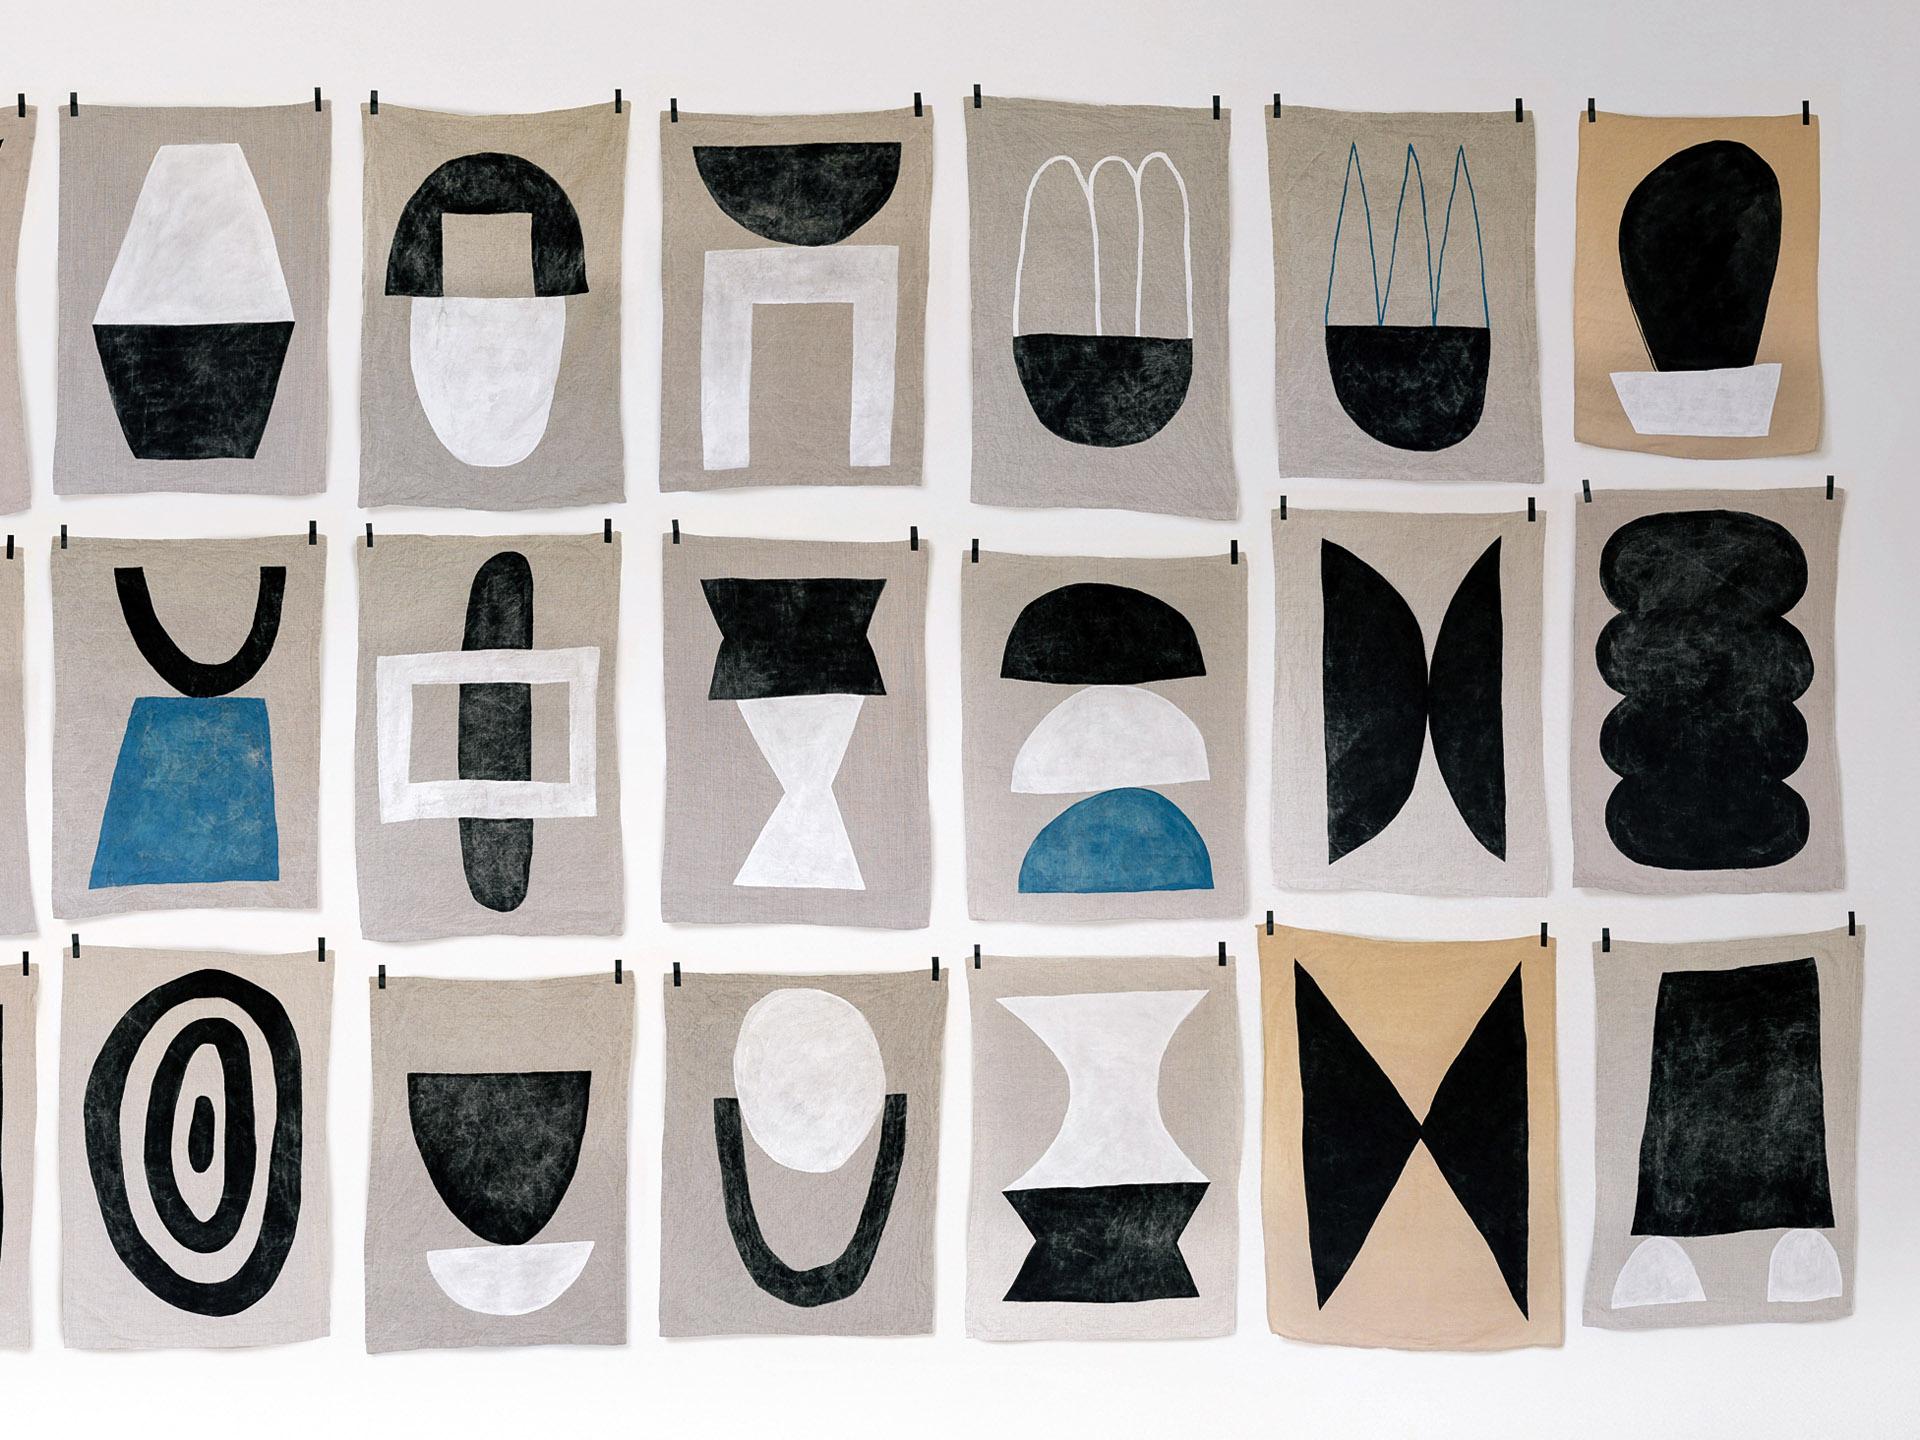 [[  Amateurs  (it's actually a studio run by a Paris-based couple, not amateurish at all). I see patterns, right ?///  Amateurs (en fait c'est un studio tenu par un couple basé à Paris, pas du tout amateurs d'ailleurs). Je vois des motifs, non ?]]